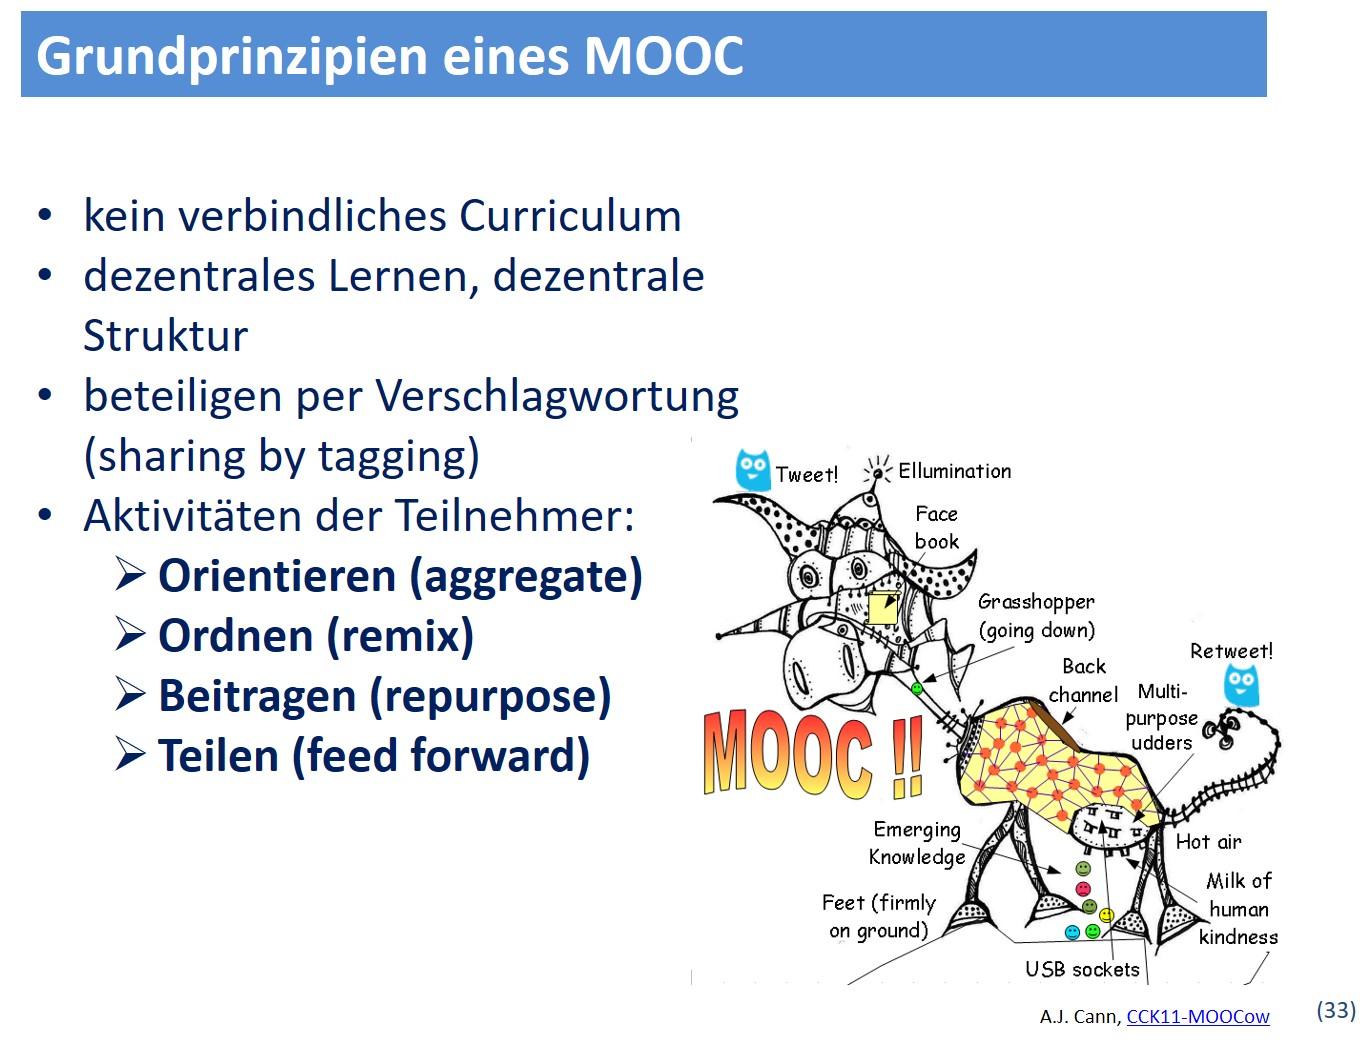 Grundprinzipien cMOOC